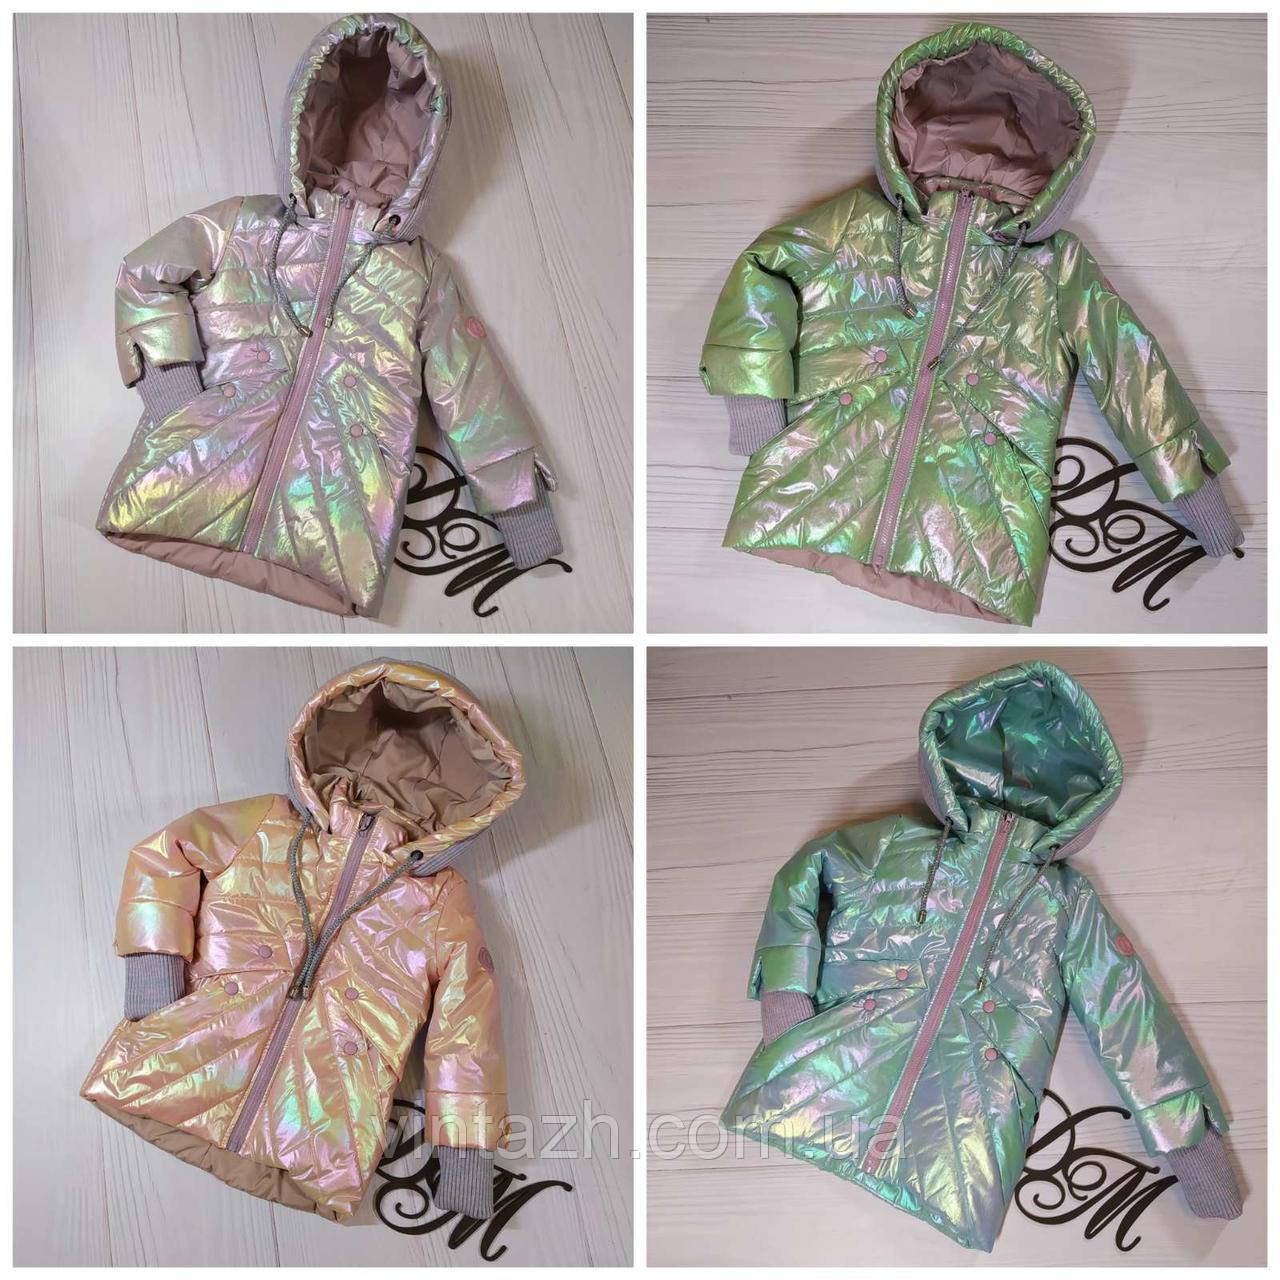 Стильна дитяча демі куртка на зростання 110-128